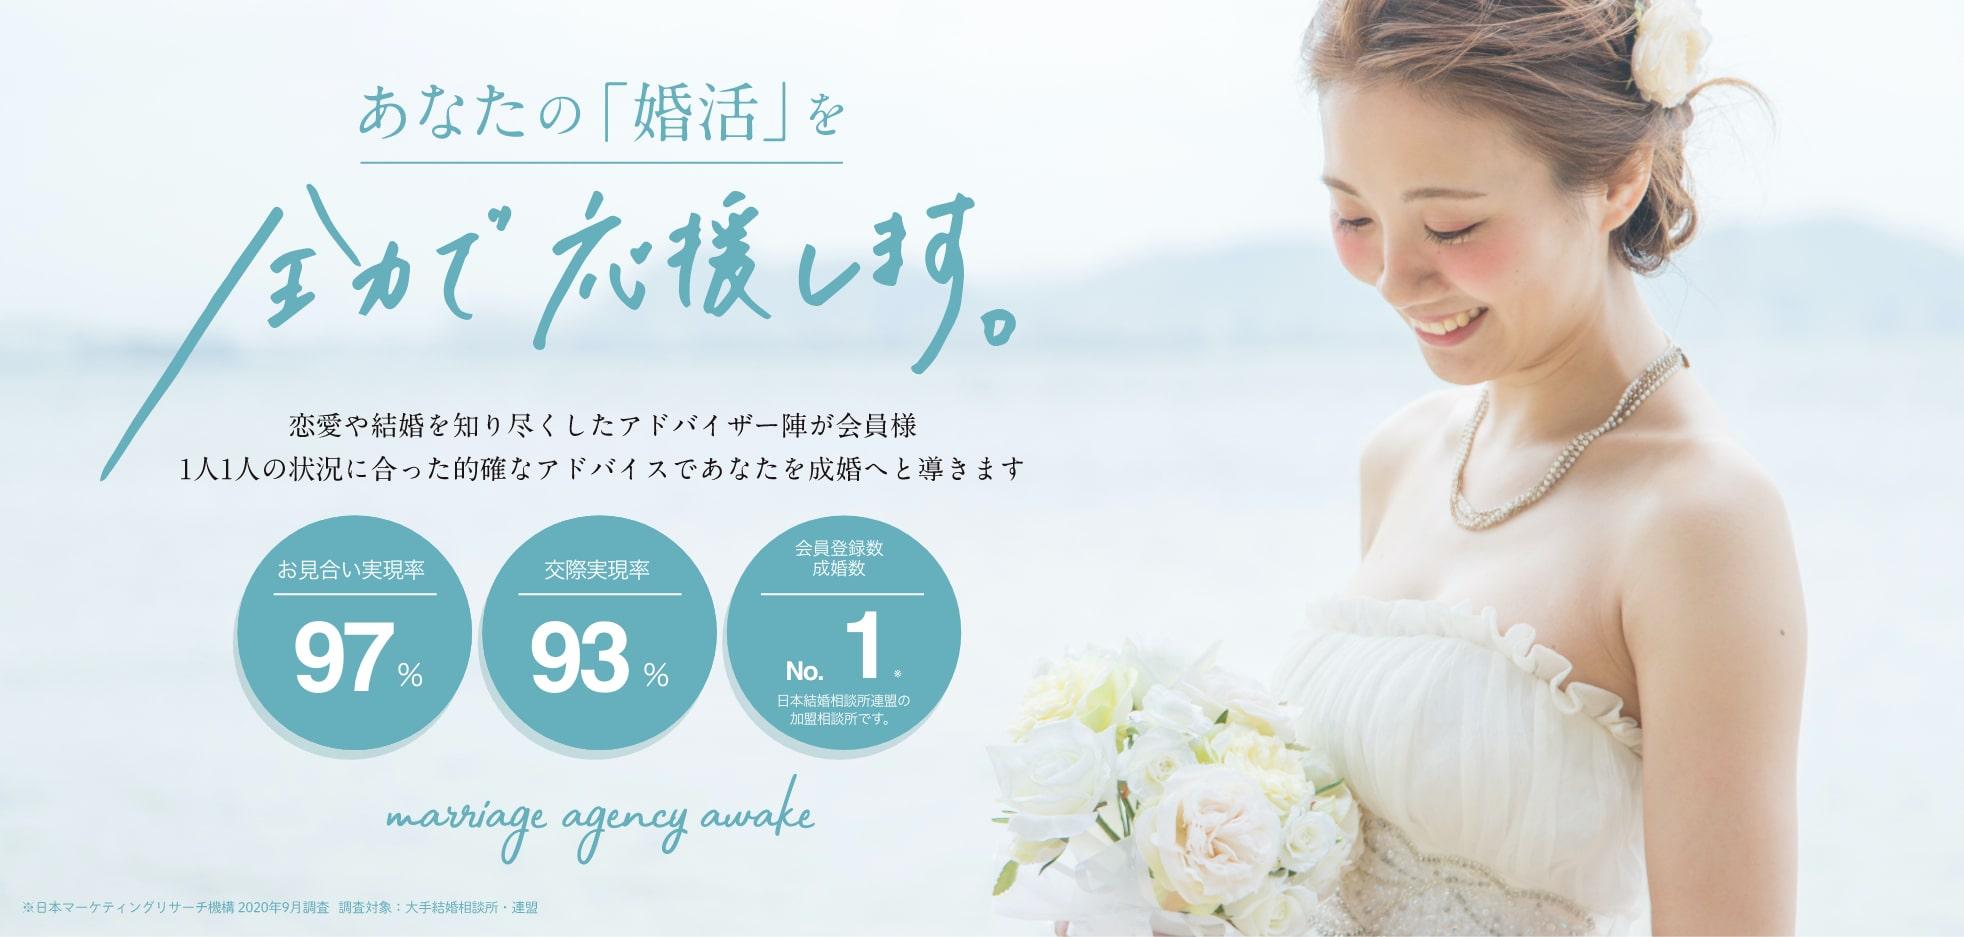 相談 所 大阪 結婚 【大阪で人気のおすすめ結婚相談所BEST5】関西・大阪での婚活におすすめの結婚相談所